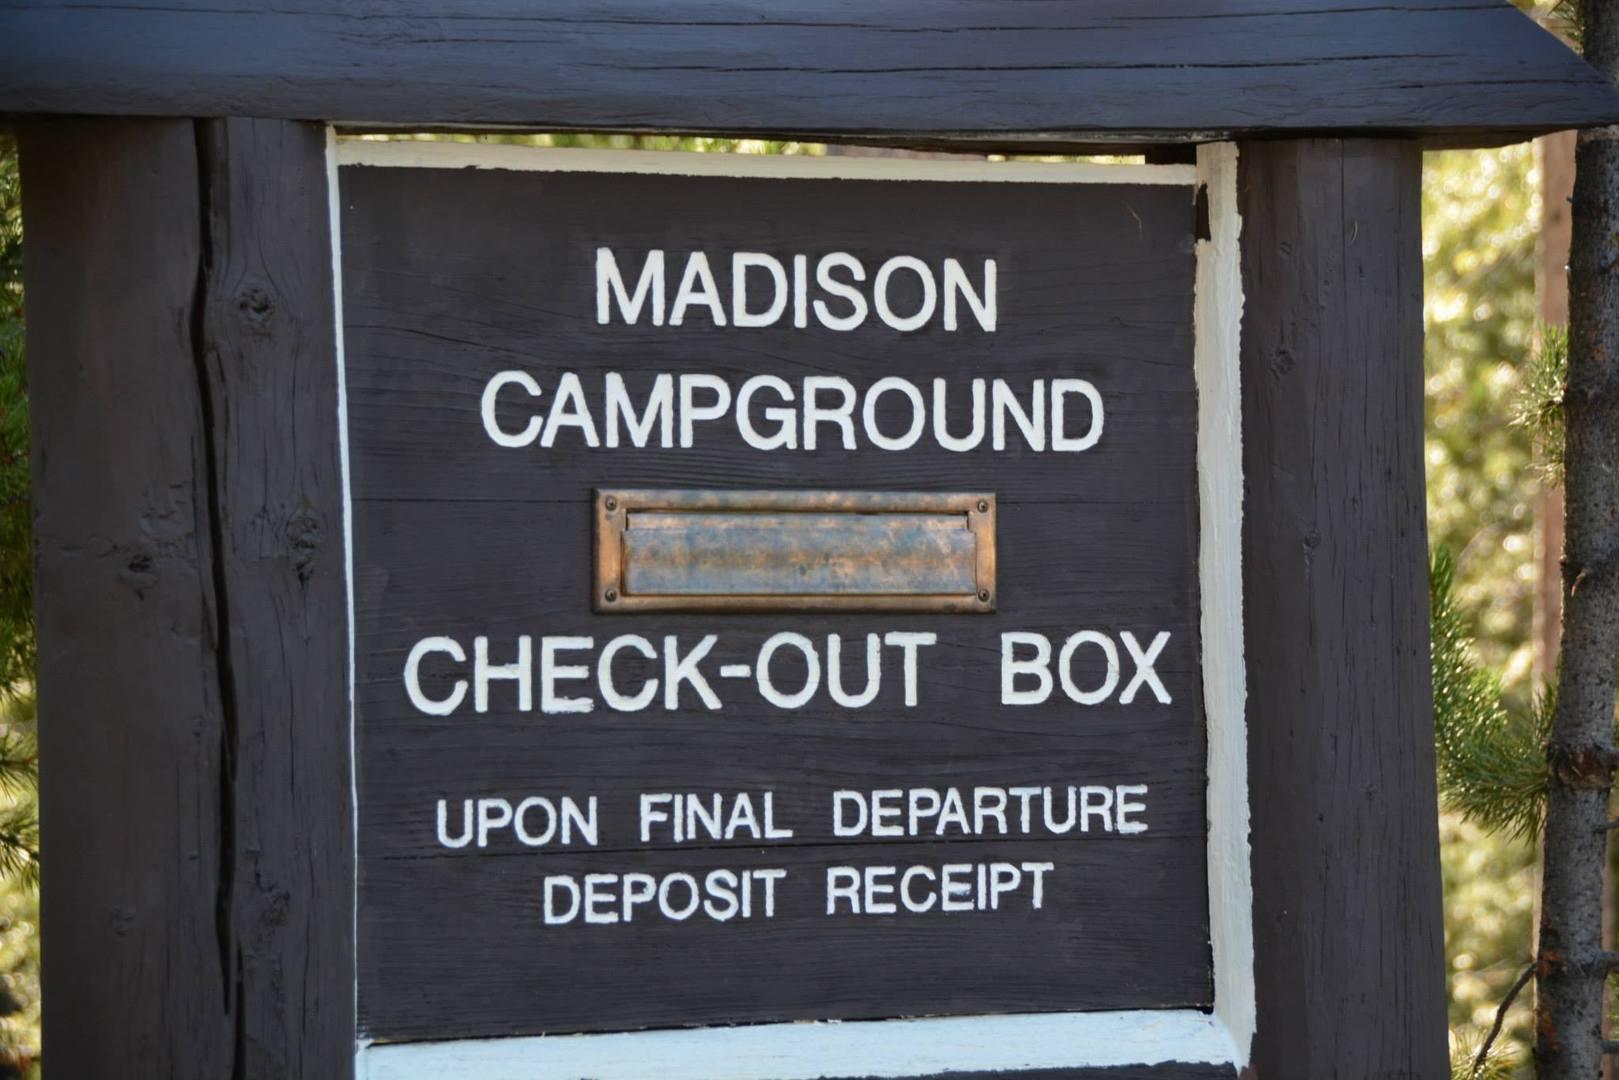 שלט הכניסה לקמפינג מדיסון